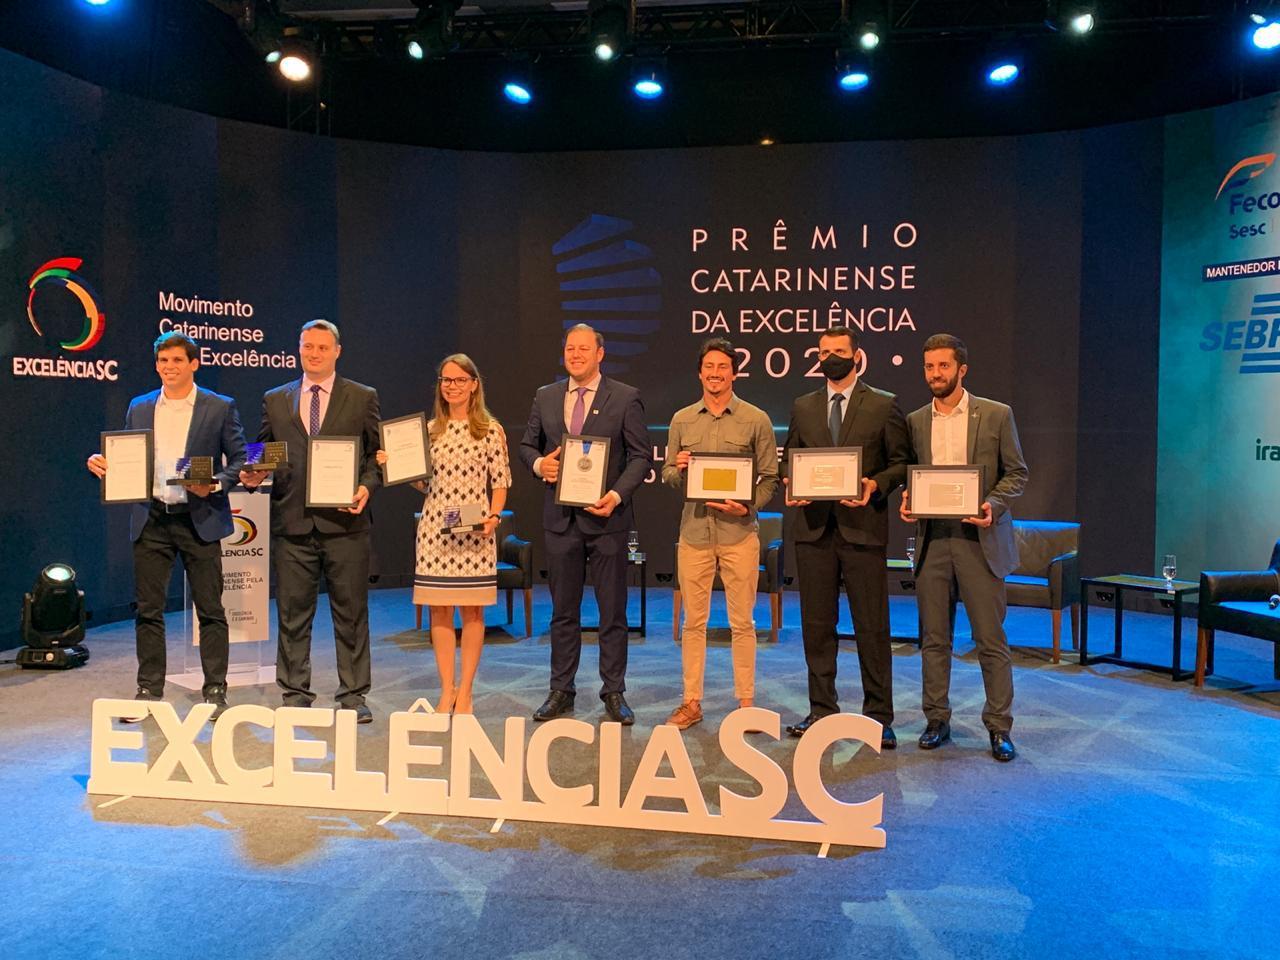 Khronos recebe prêmio catarinense de excelência